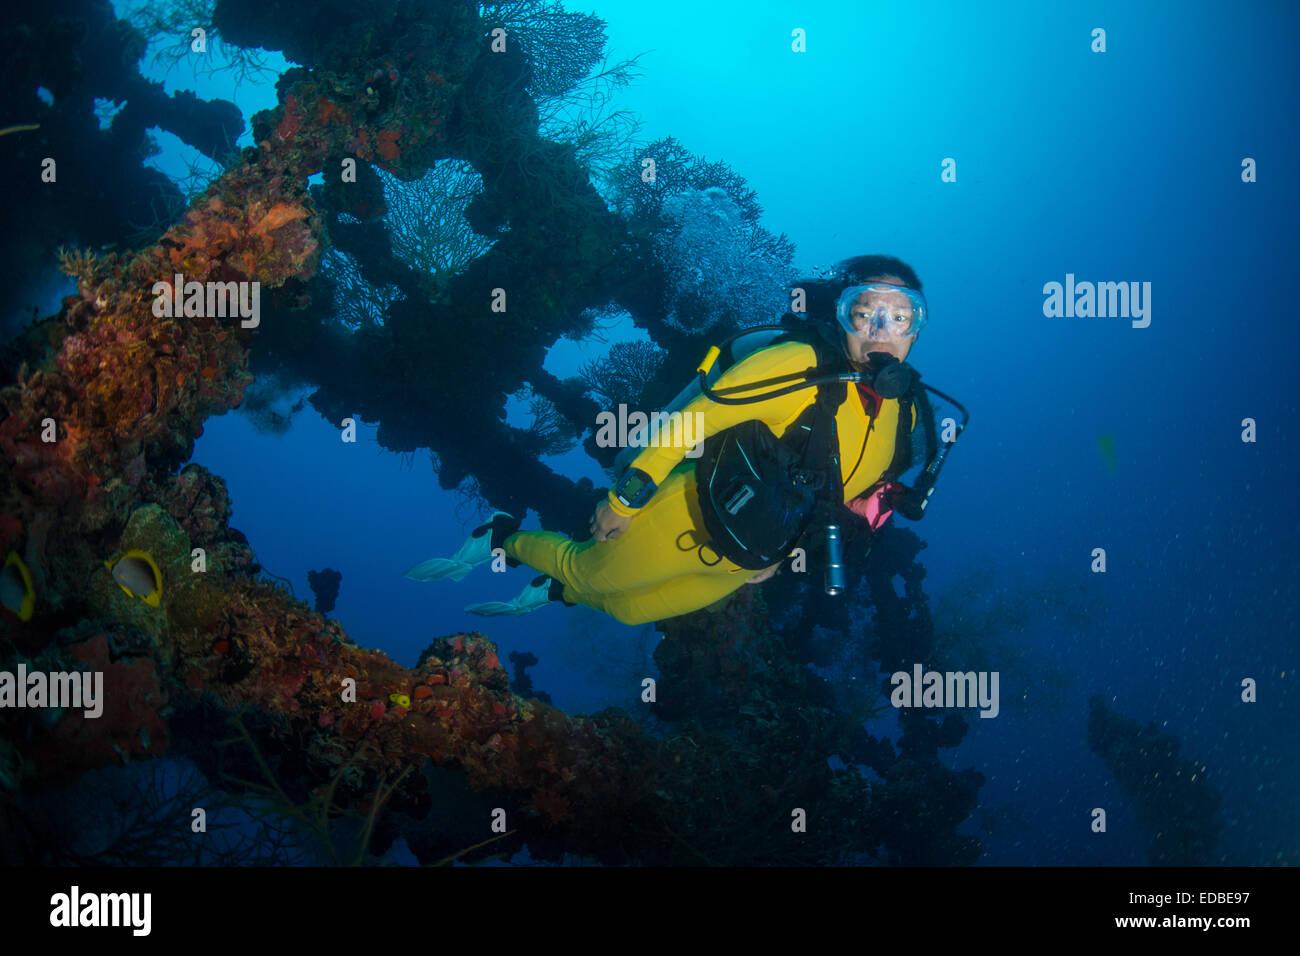 Oil Tanker Stock Photos Amp Oil Tanker Stock Images Alamy